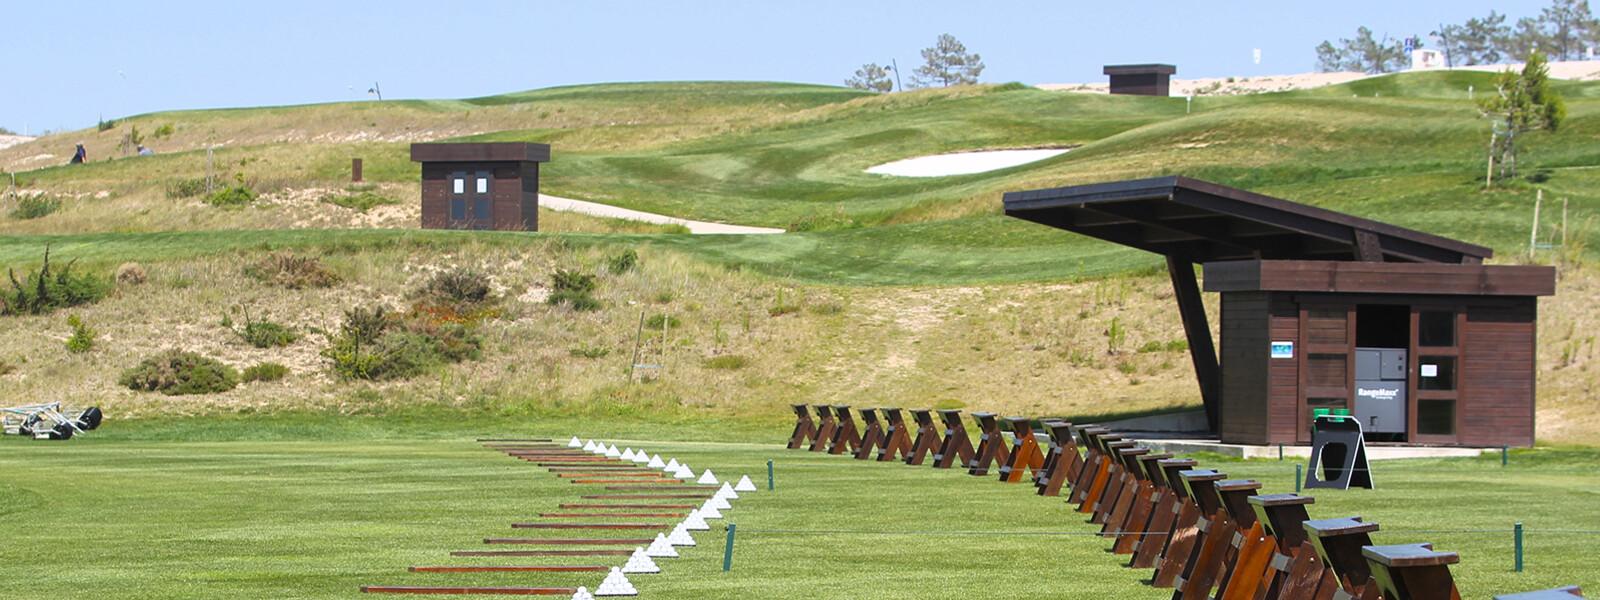 Golf Pro Tipp der Woche  # 3: Driving Range